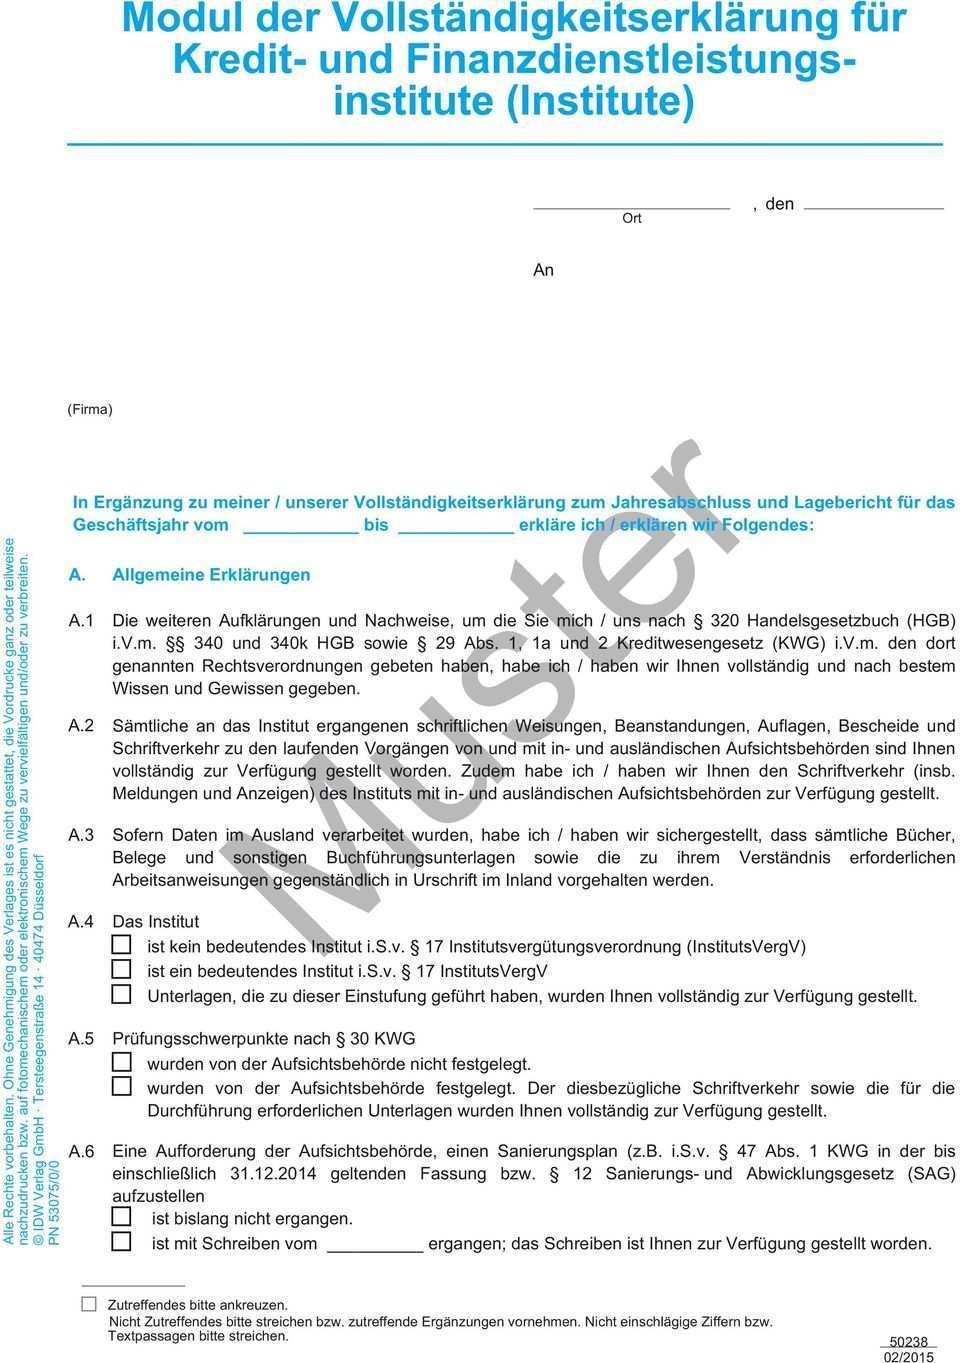 Modul Der Vollstandigkeitserklarung Fur Kredit Und Finanzdienstleistungsinstitute Muster Pdf Free Download